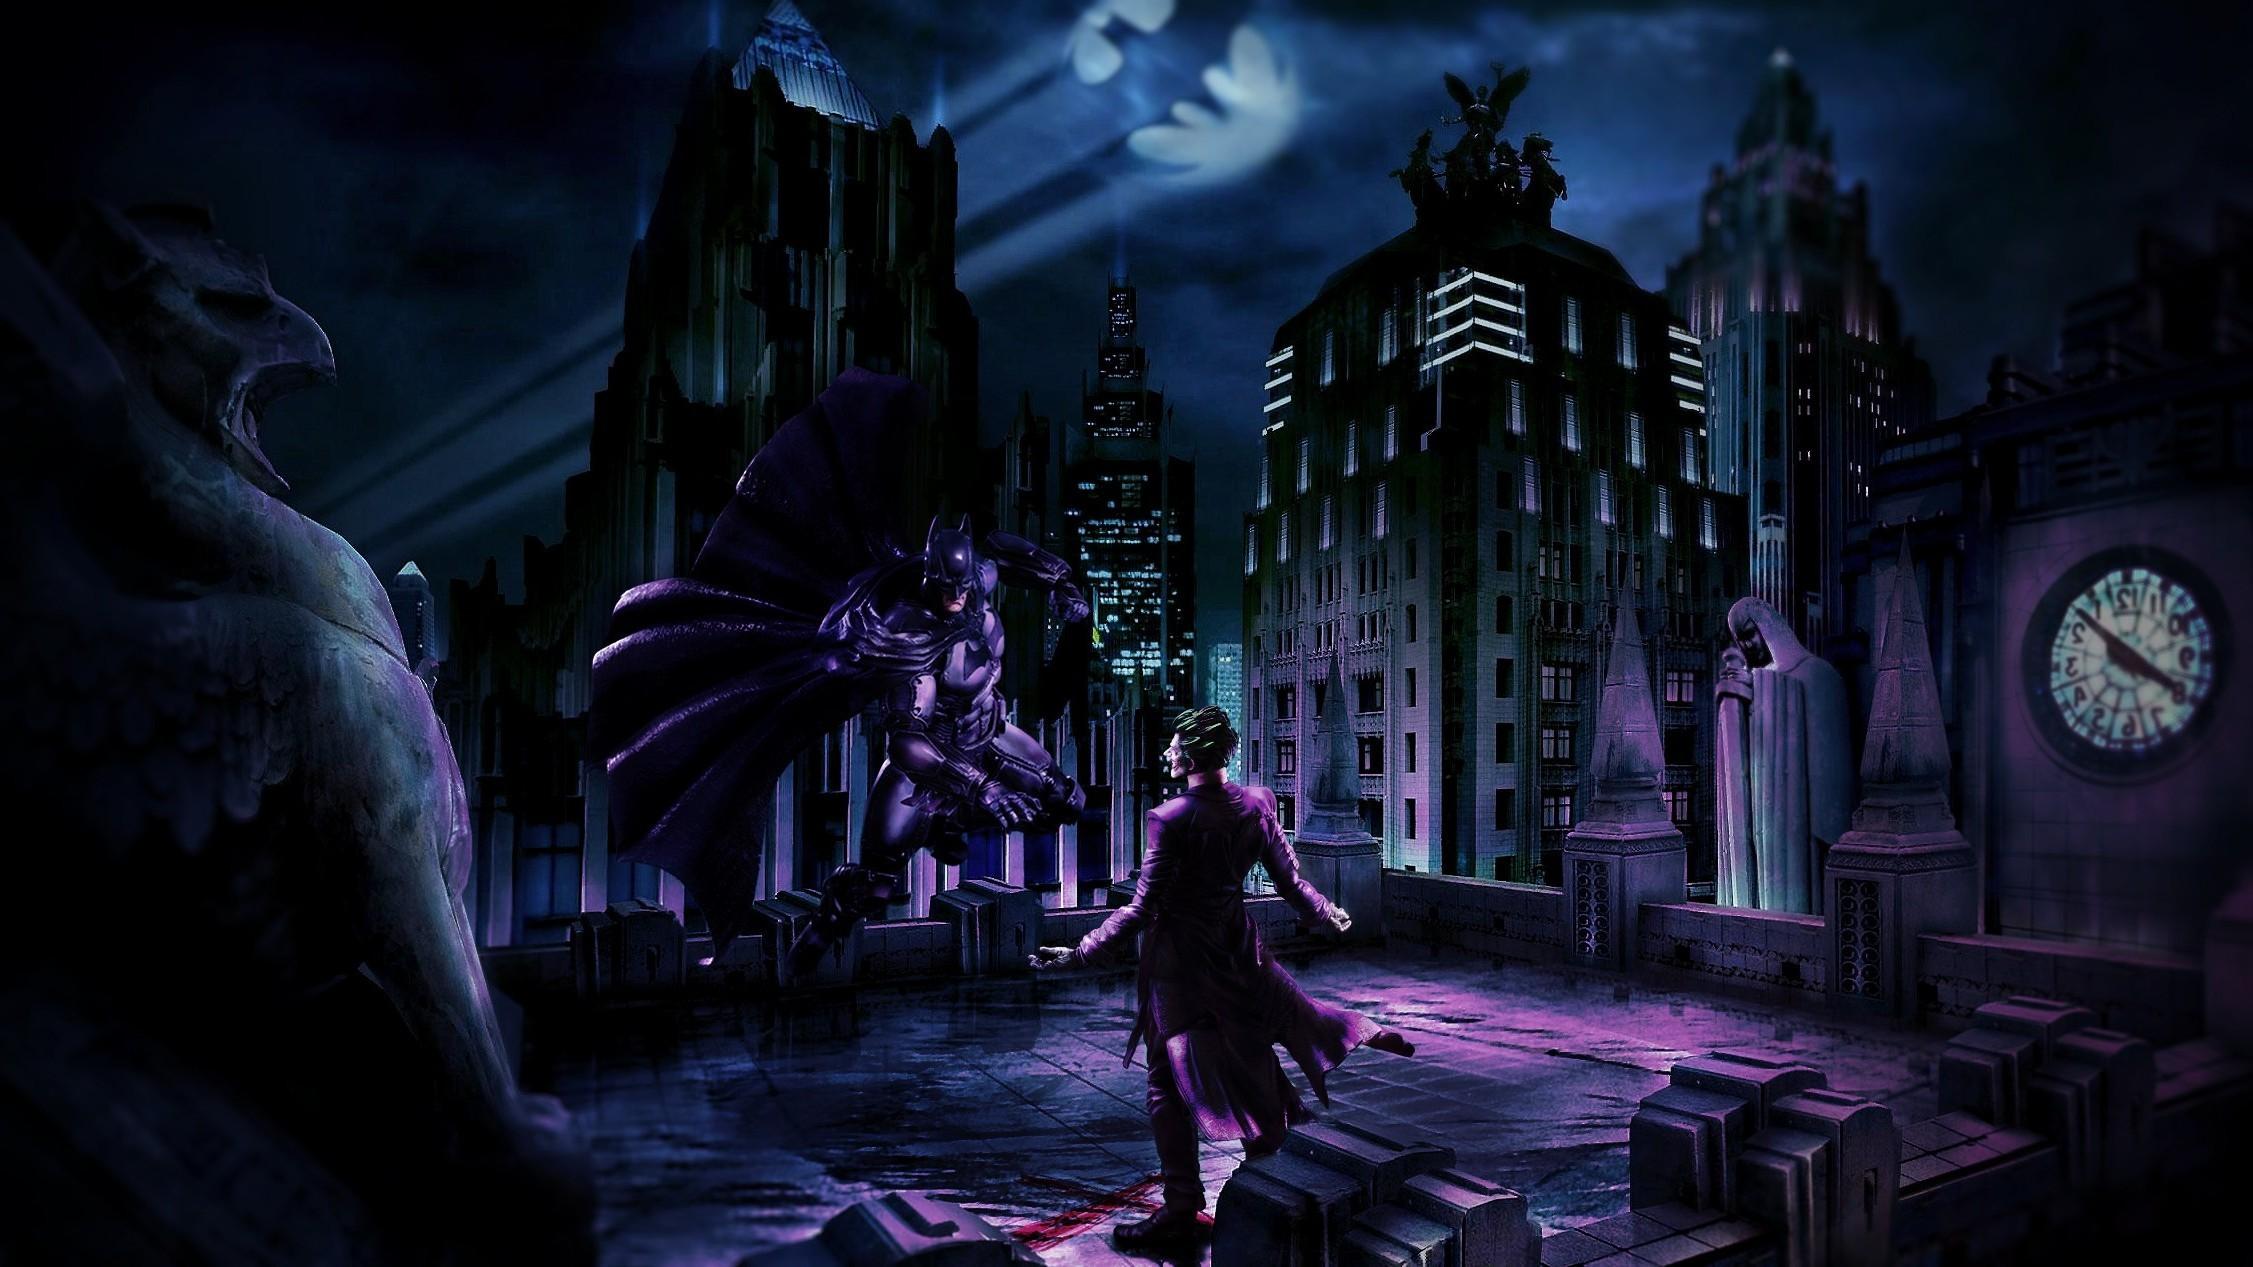 joker batman wallpaper (75+ pictures)